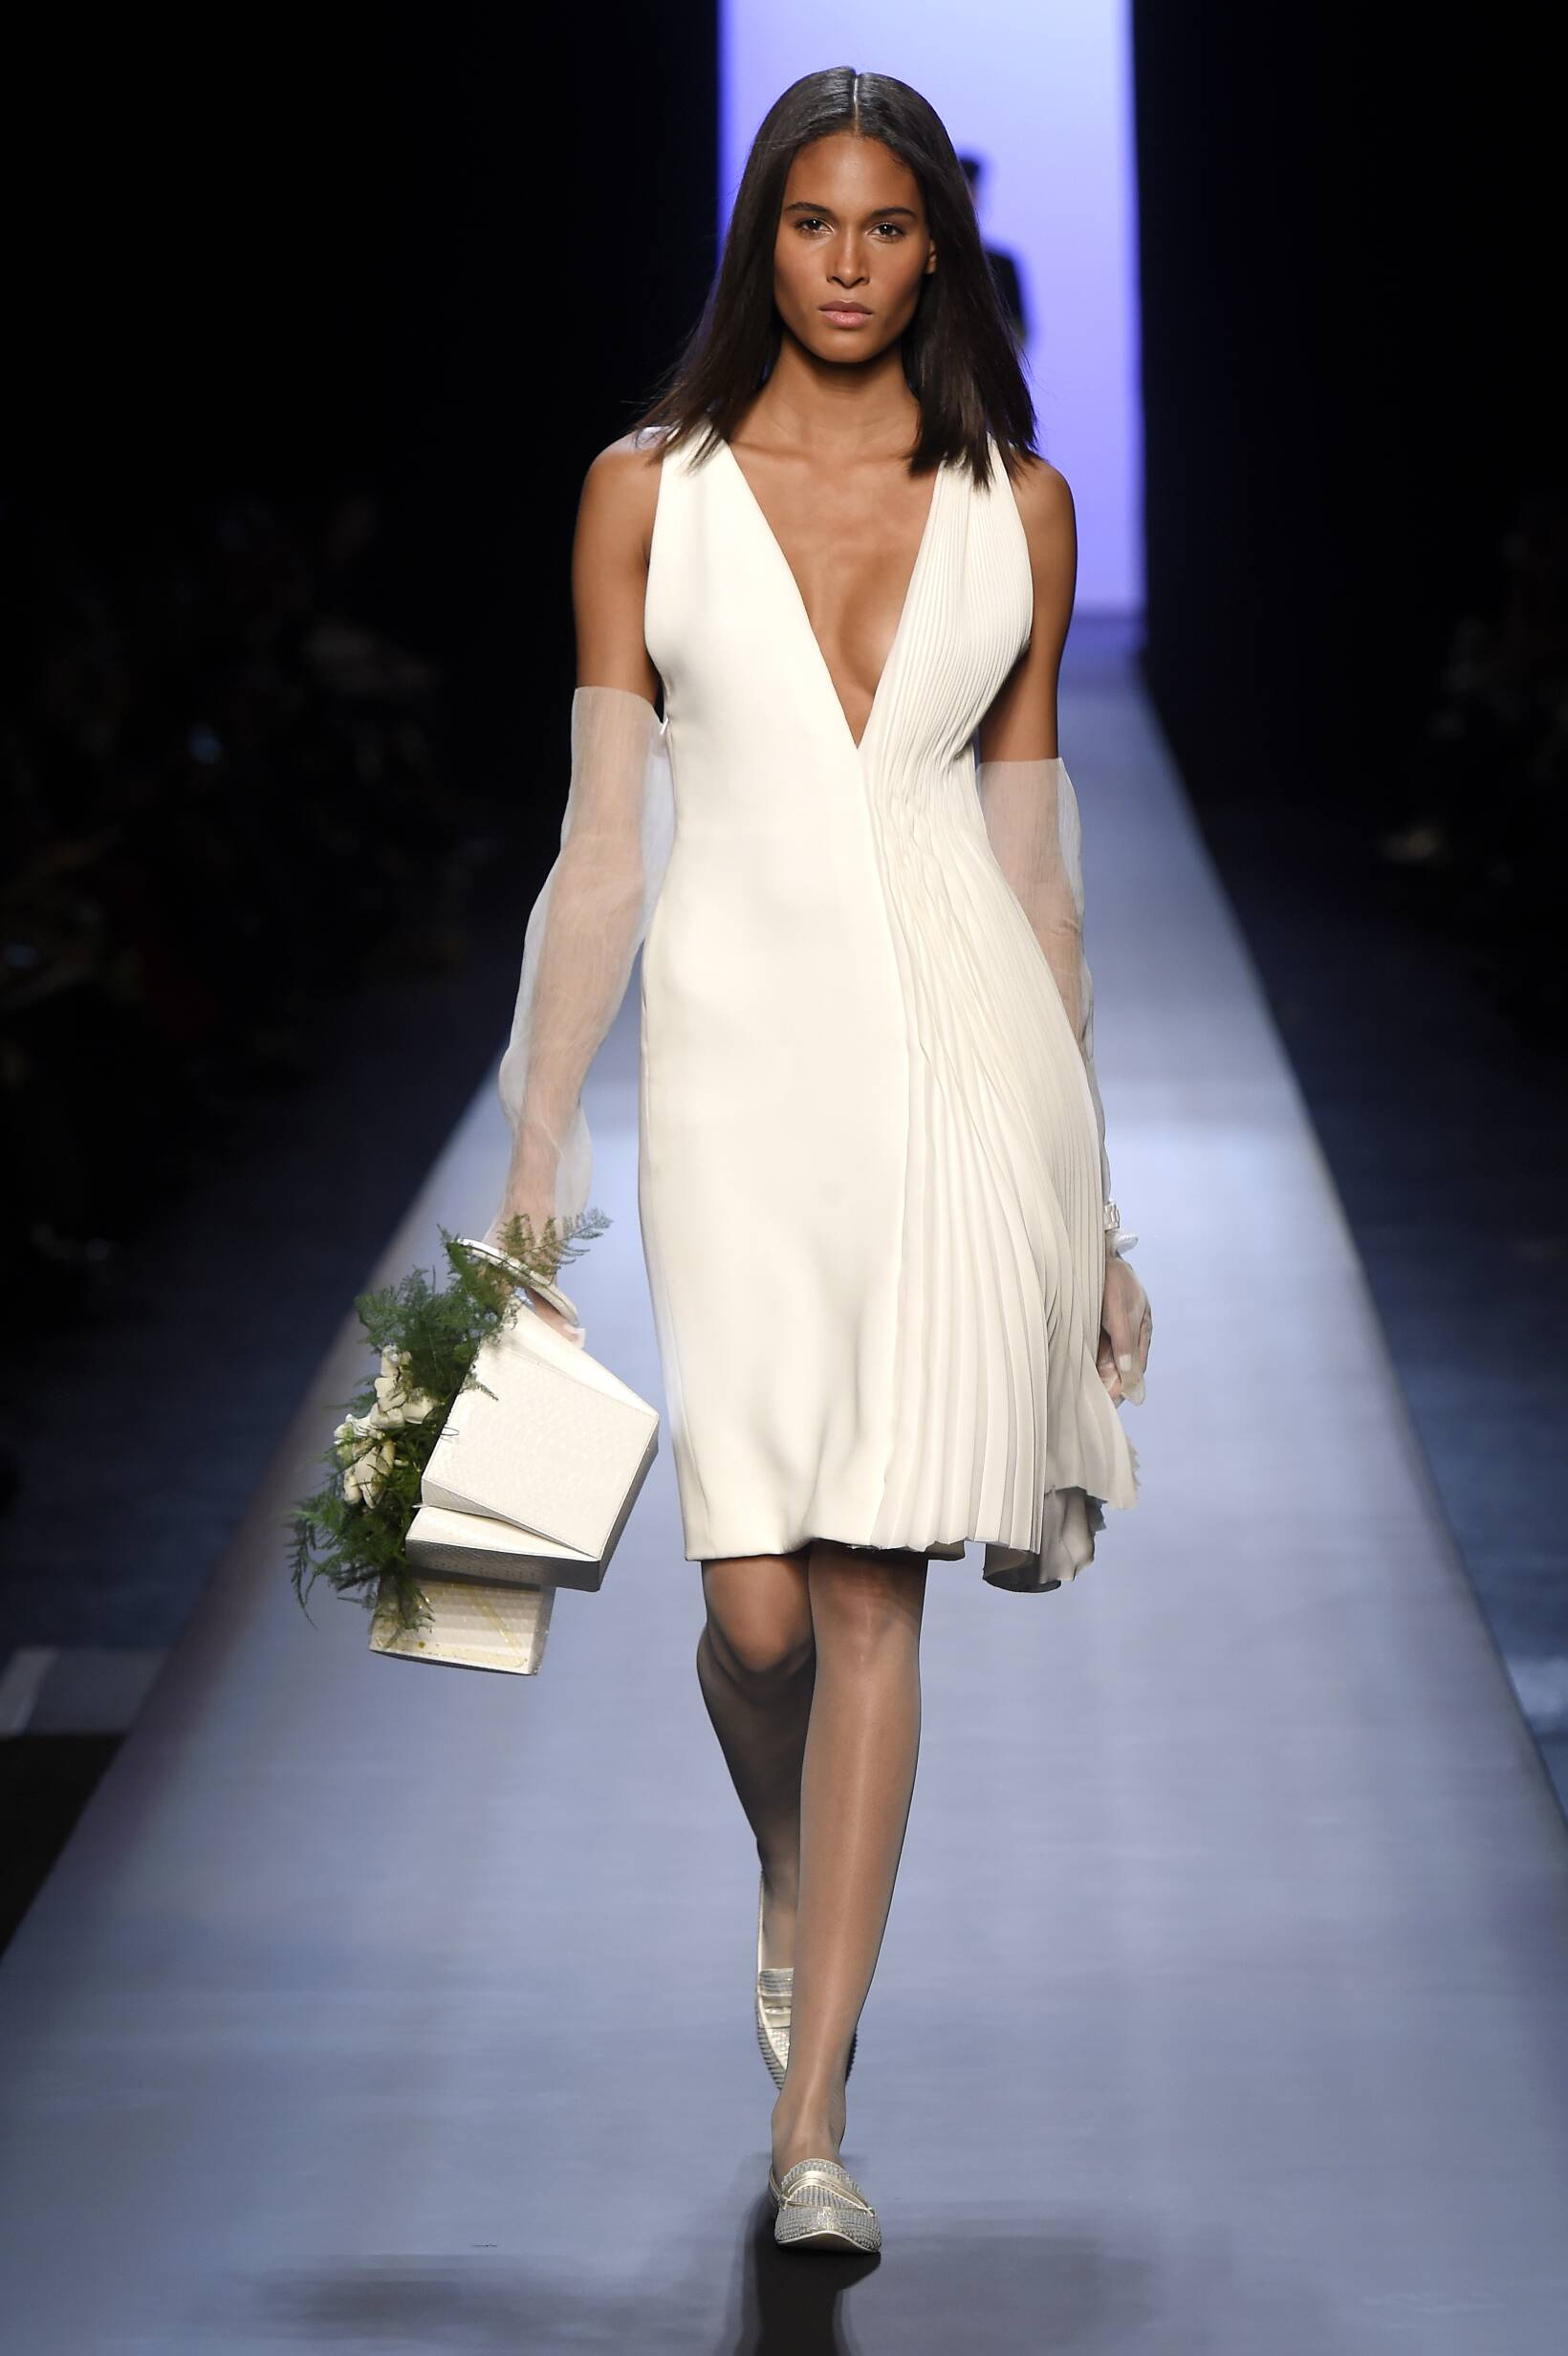 Jean Paul Gaultier Haute Couture Collection Paris Fashion Week